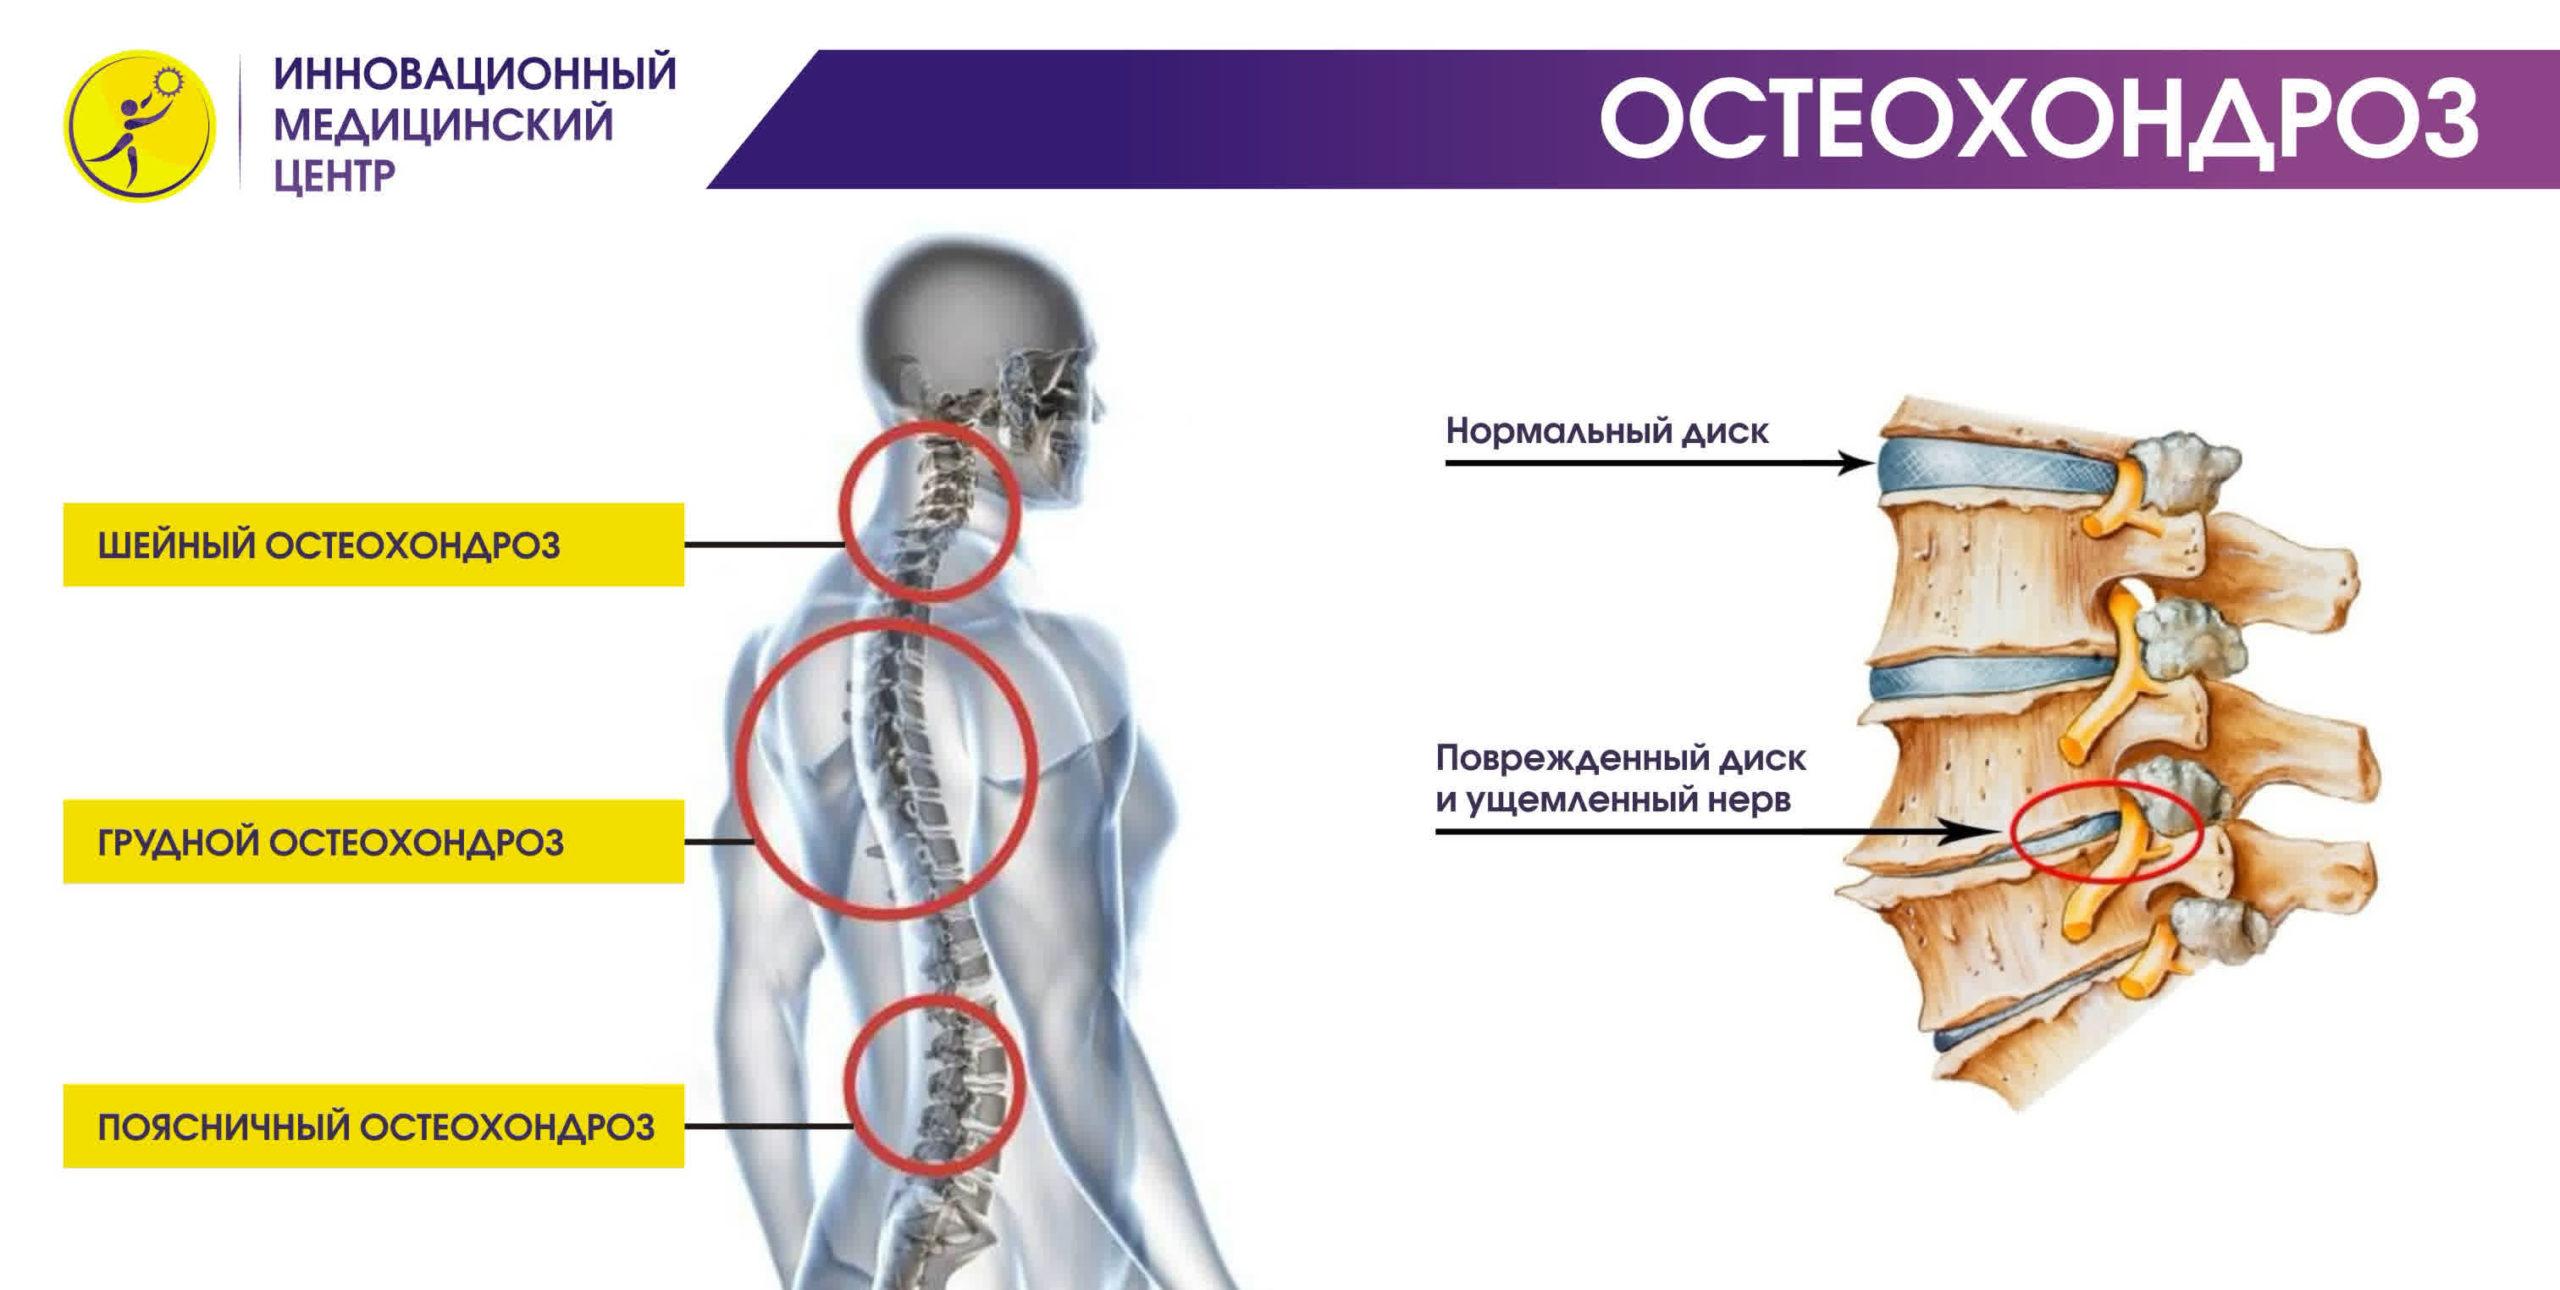 sposoby vylechit osteohondroz pozvonochnika